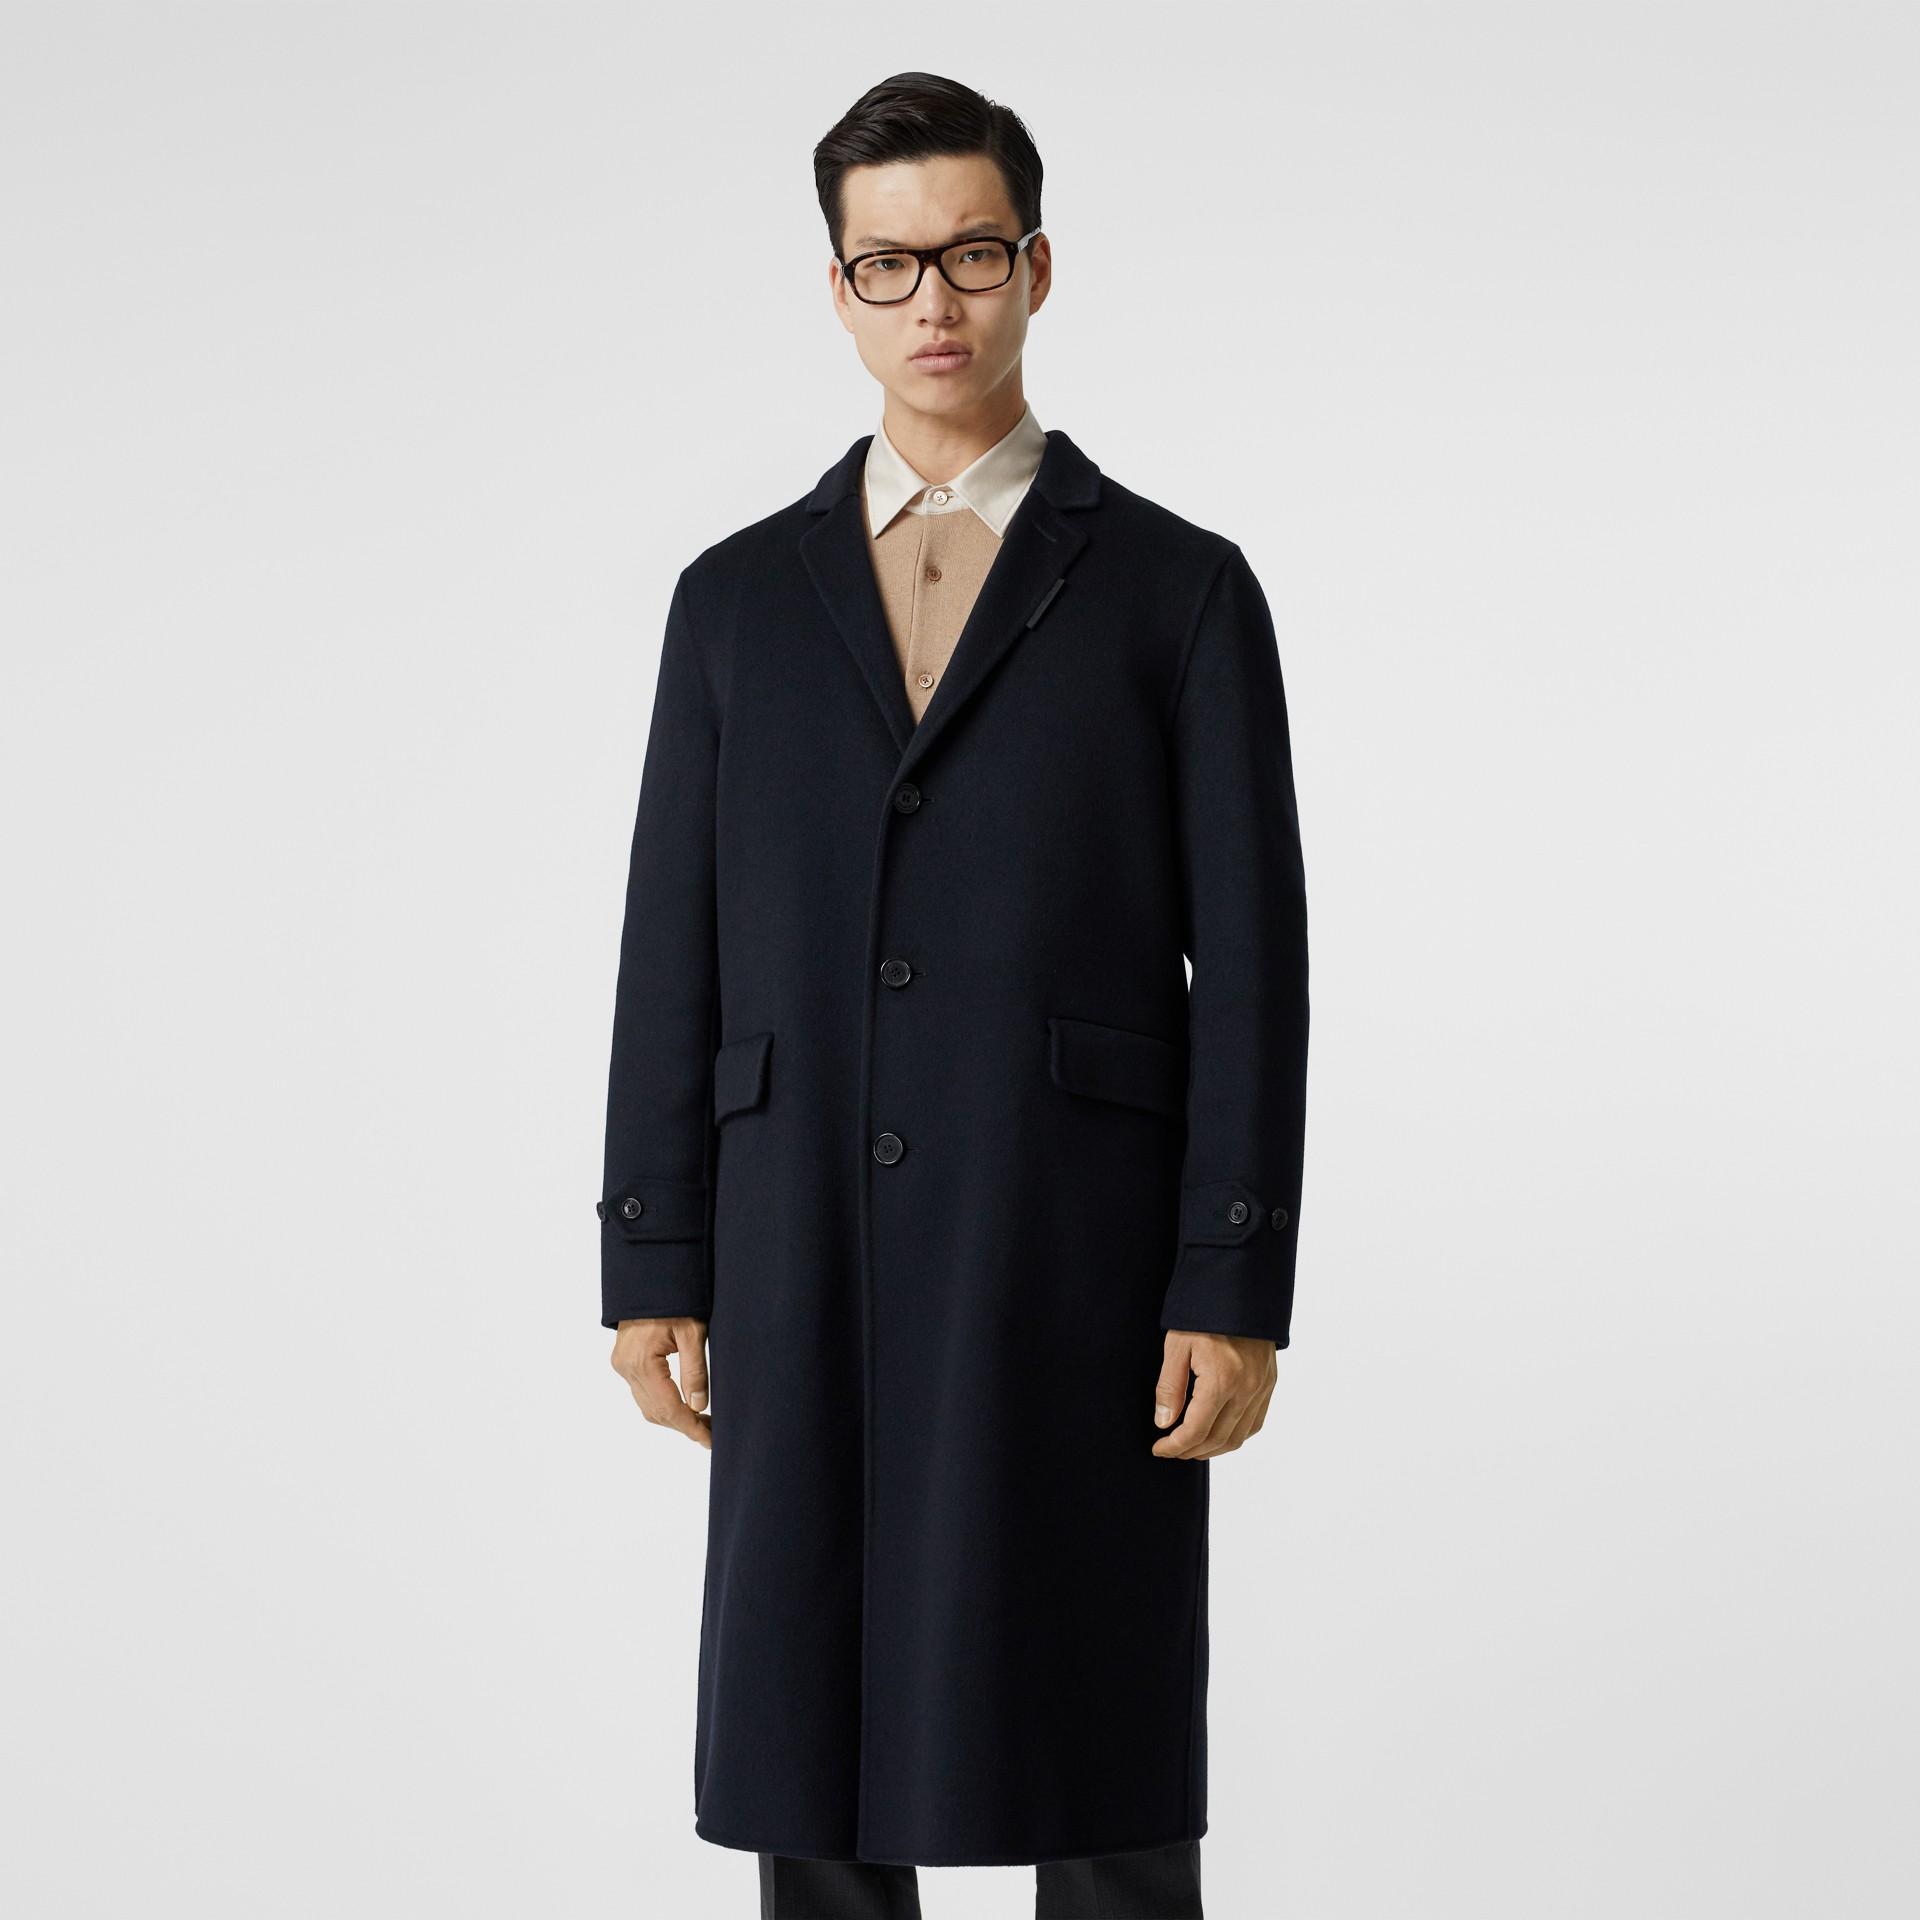 Пальто Lab Coat из кашемира (Темно-синий) - Для мужчин | Burberry - изображение 7